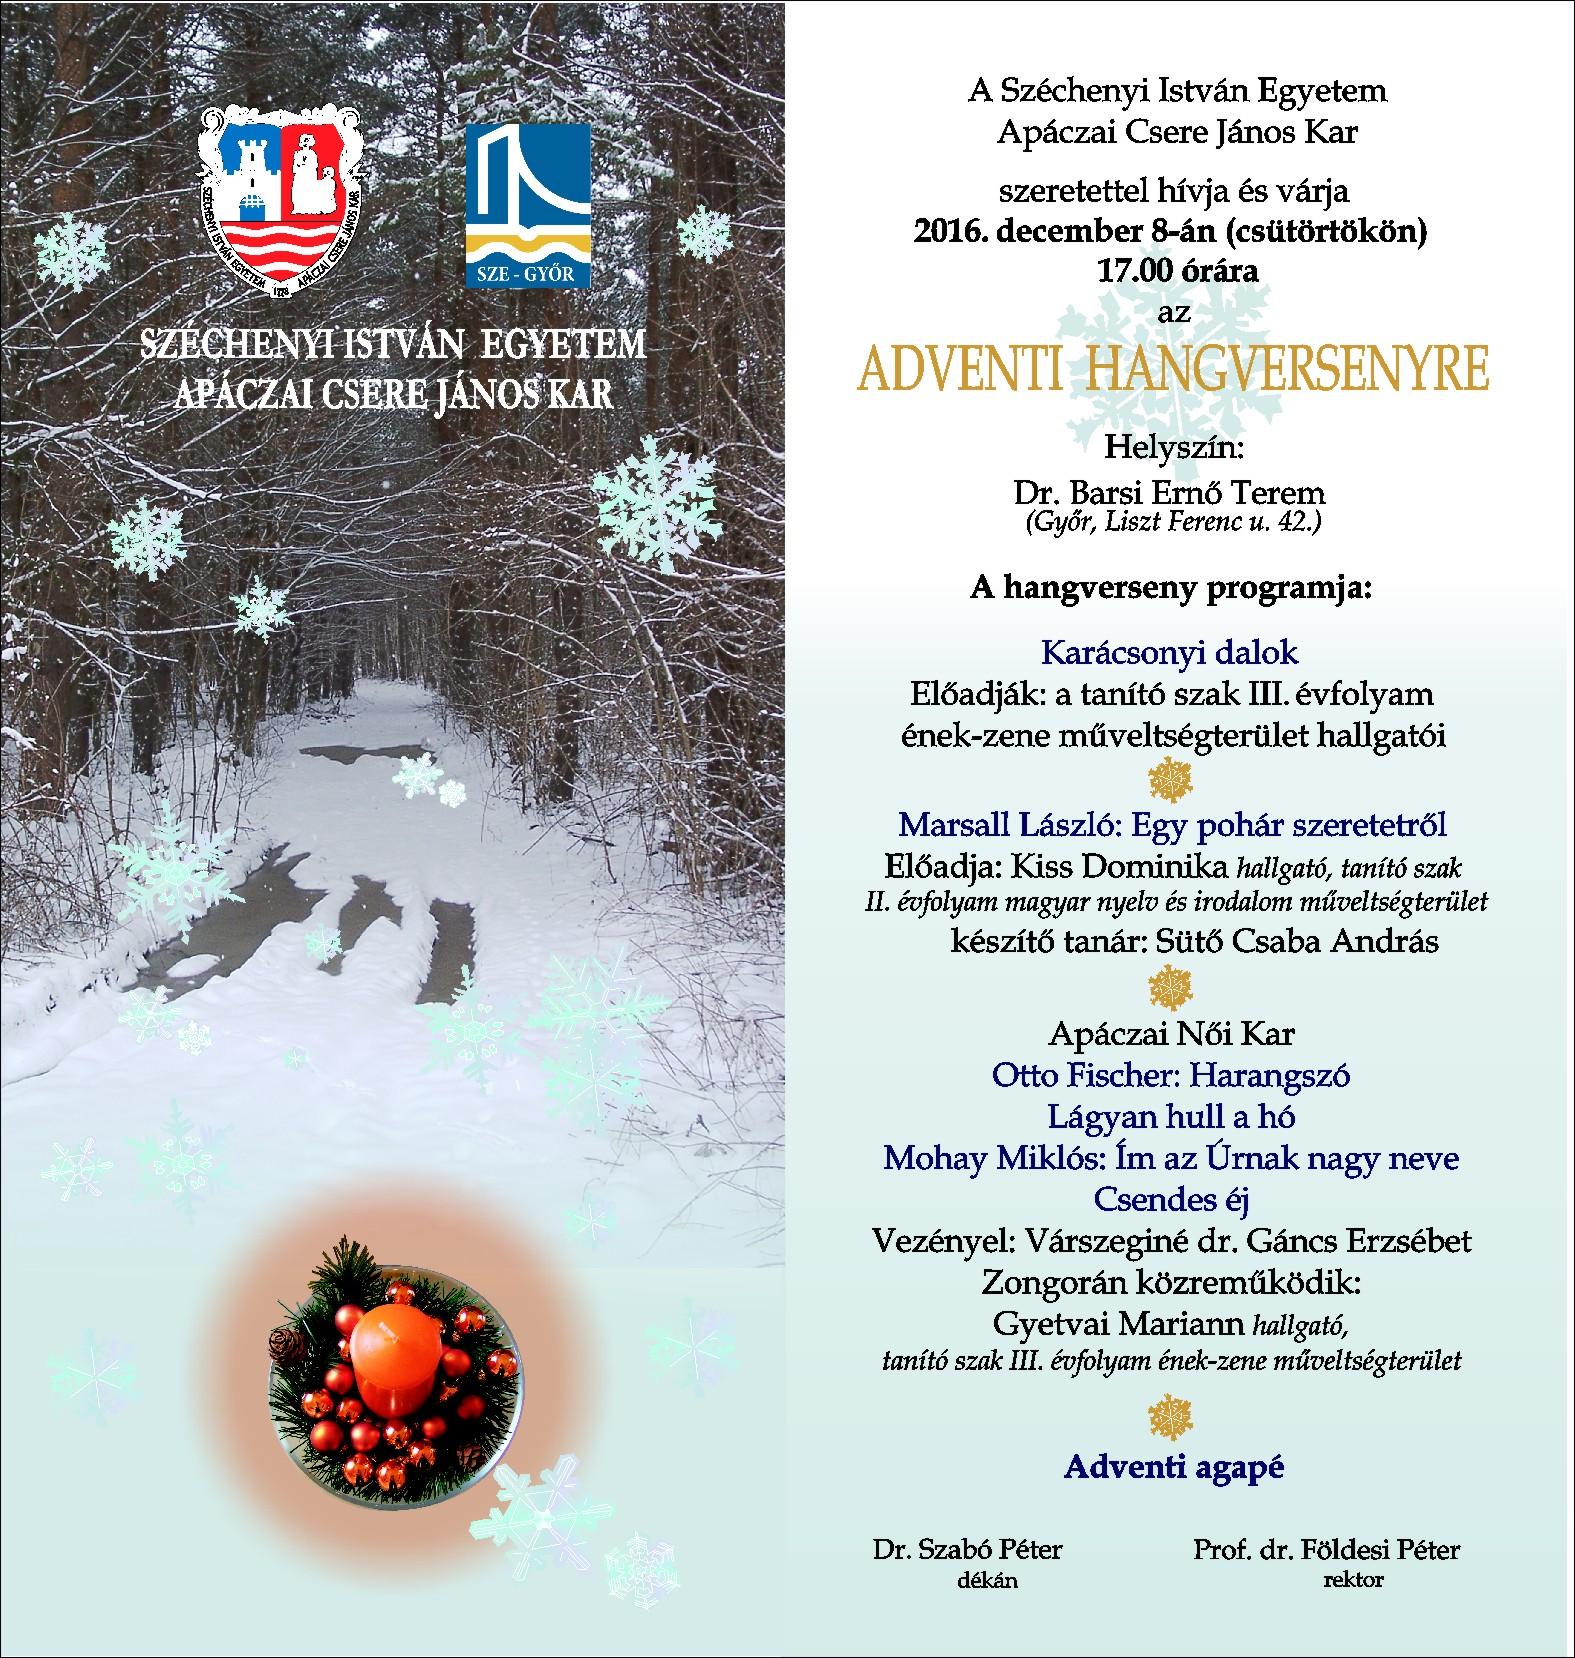 Apáczai Kar - Adventi hangverseny meghívó